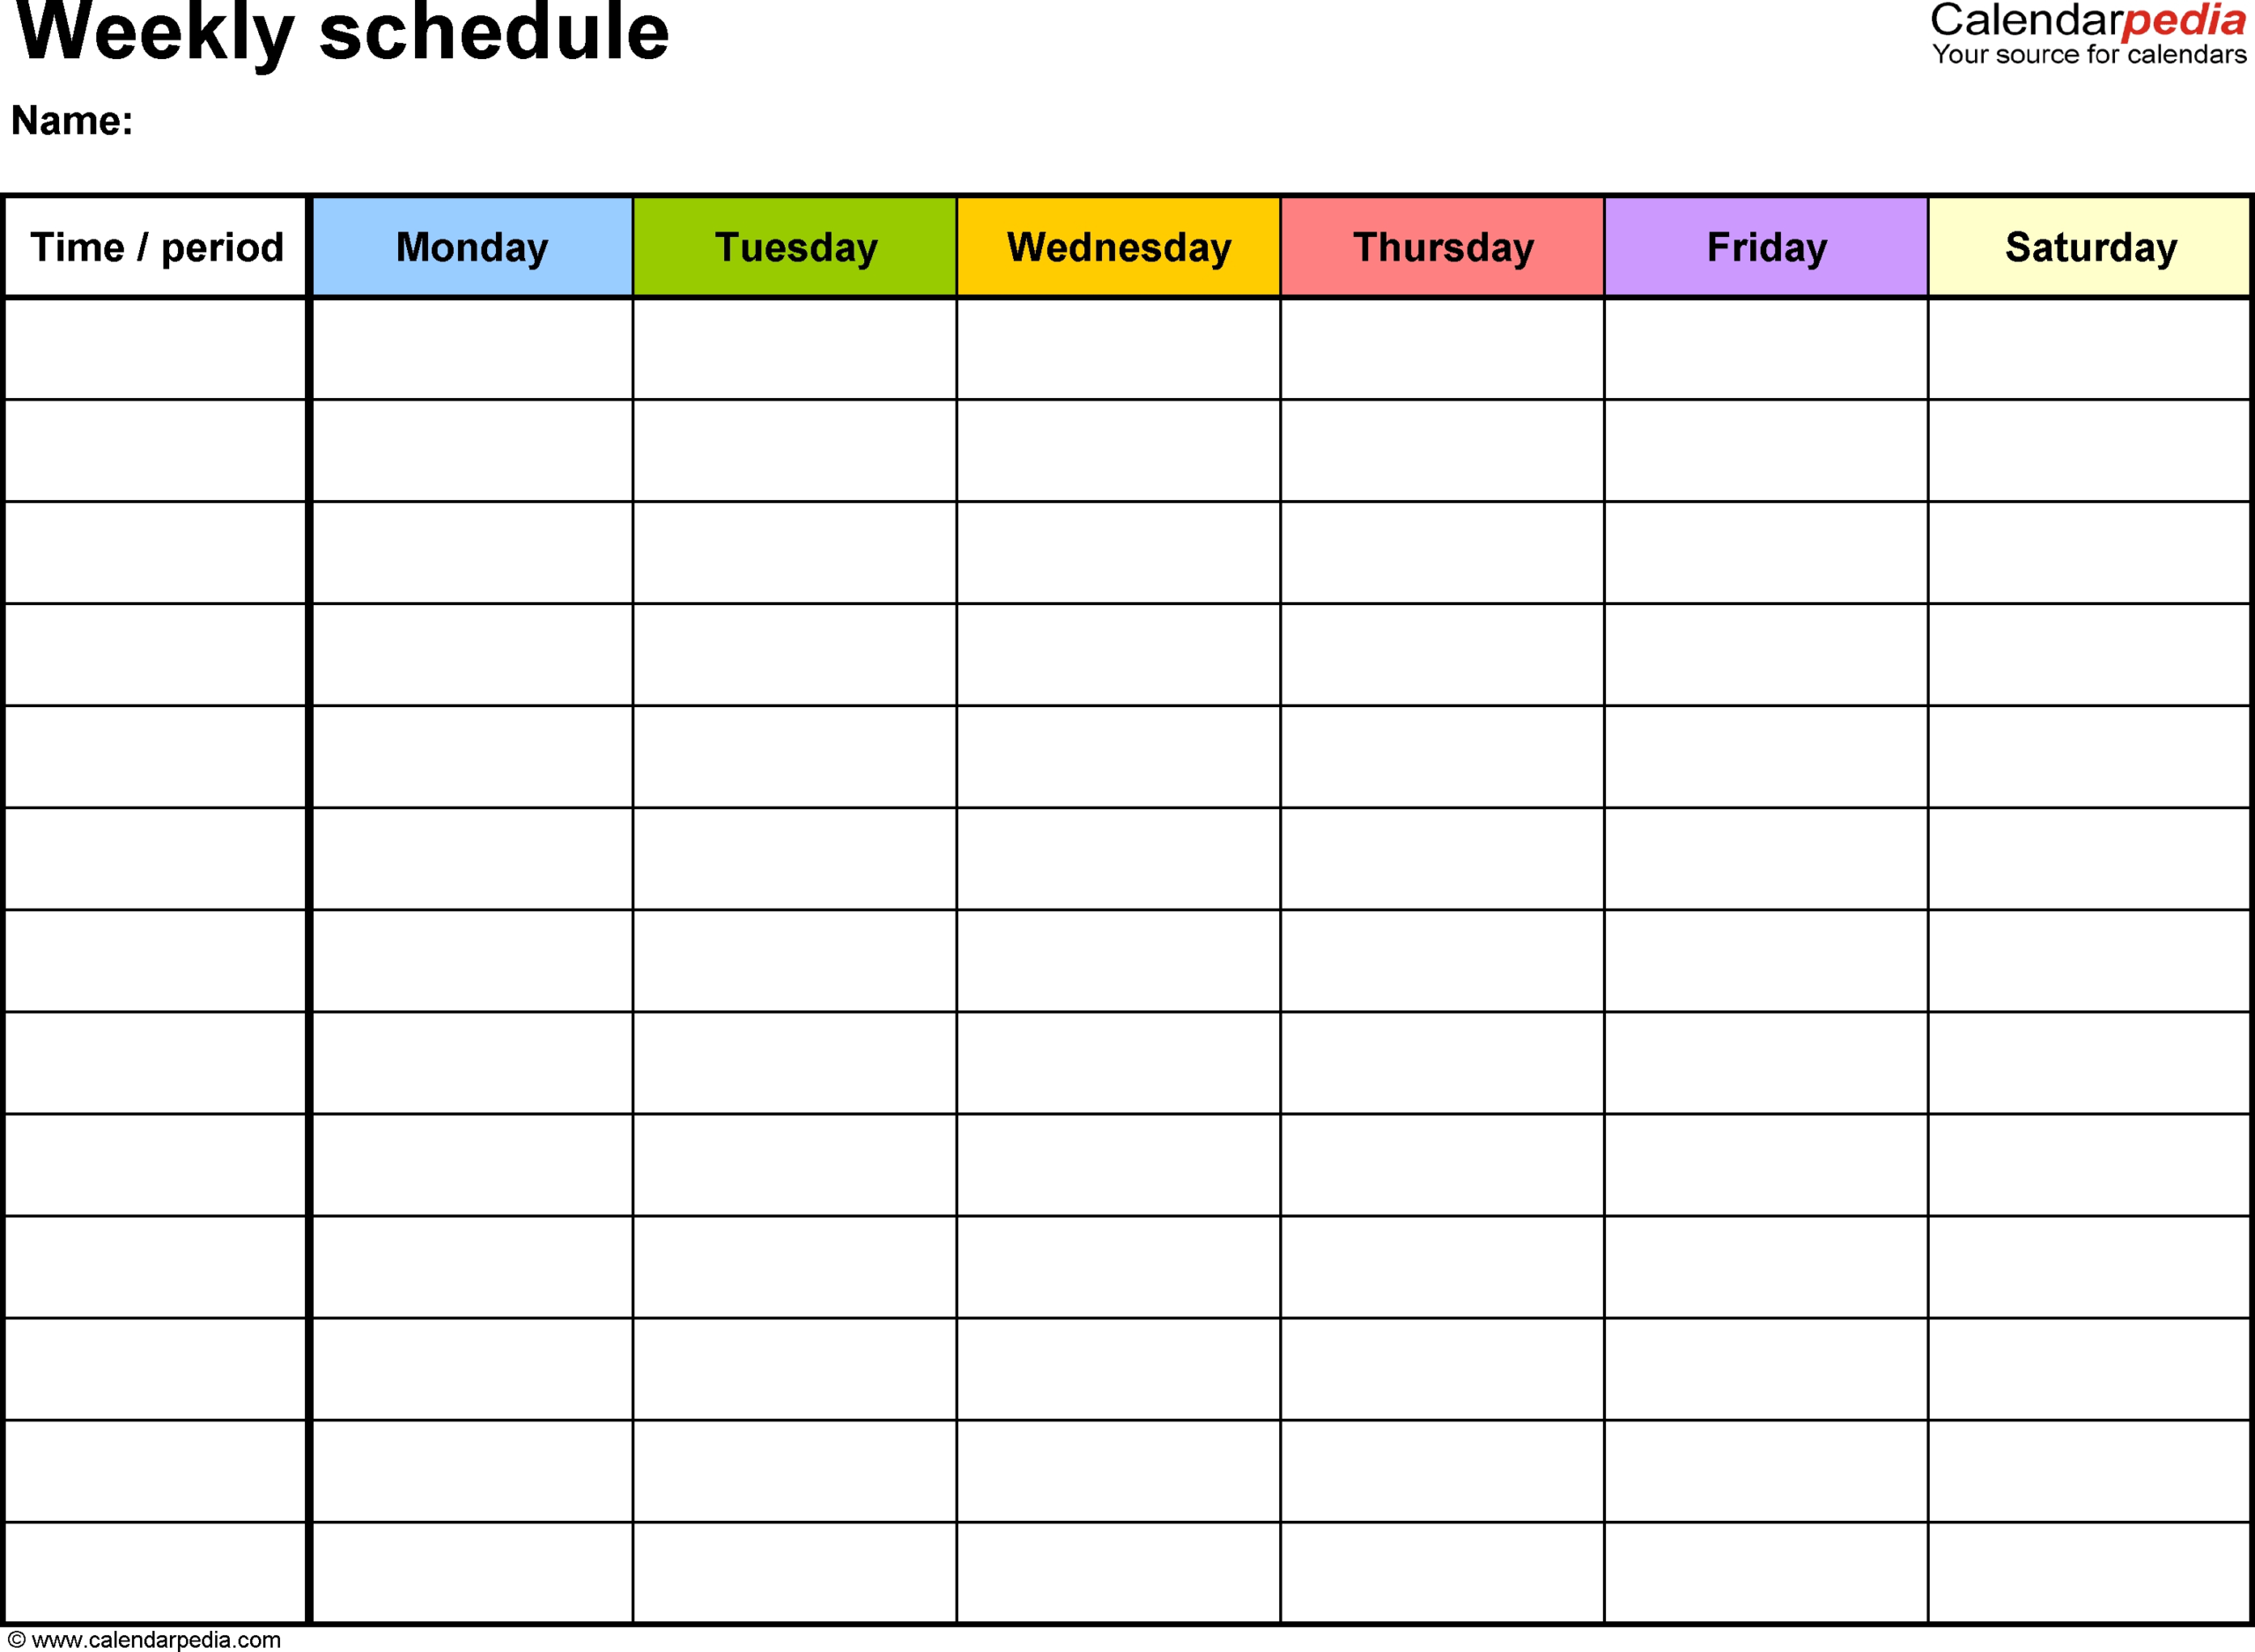 5 Day Weekly Calendar Template | Calendar Template Printable in 5 Day Week Calendar Template